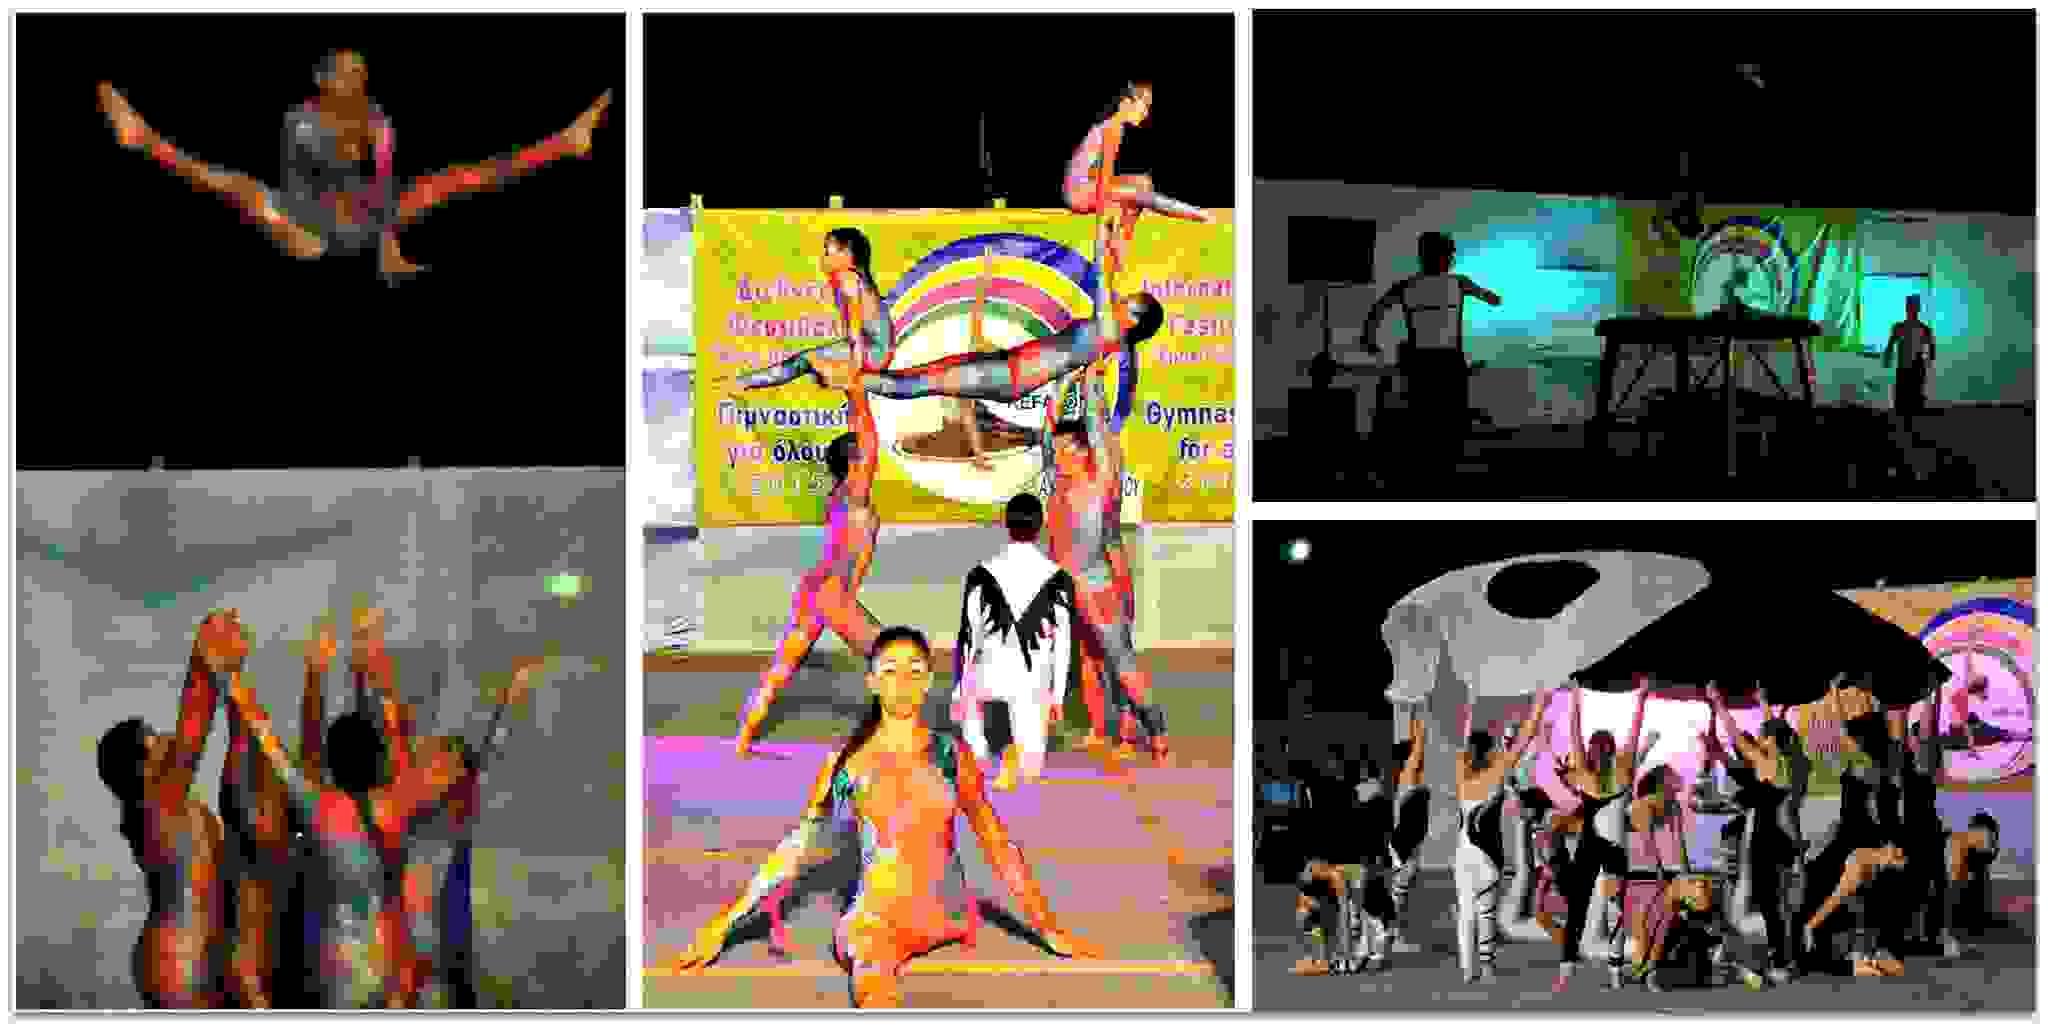 Φεστιβάλ Γυμναστικής για όλους «Άννα Πολλάτου», στα Κουρκουμελάτα! (Μέρος Β) Γράφει η Αναστασία Κανάκη